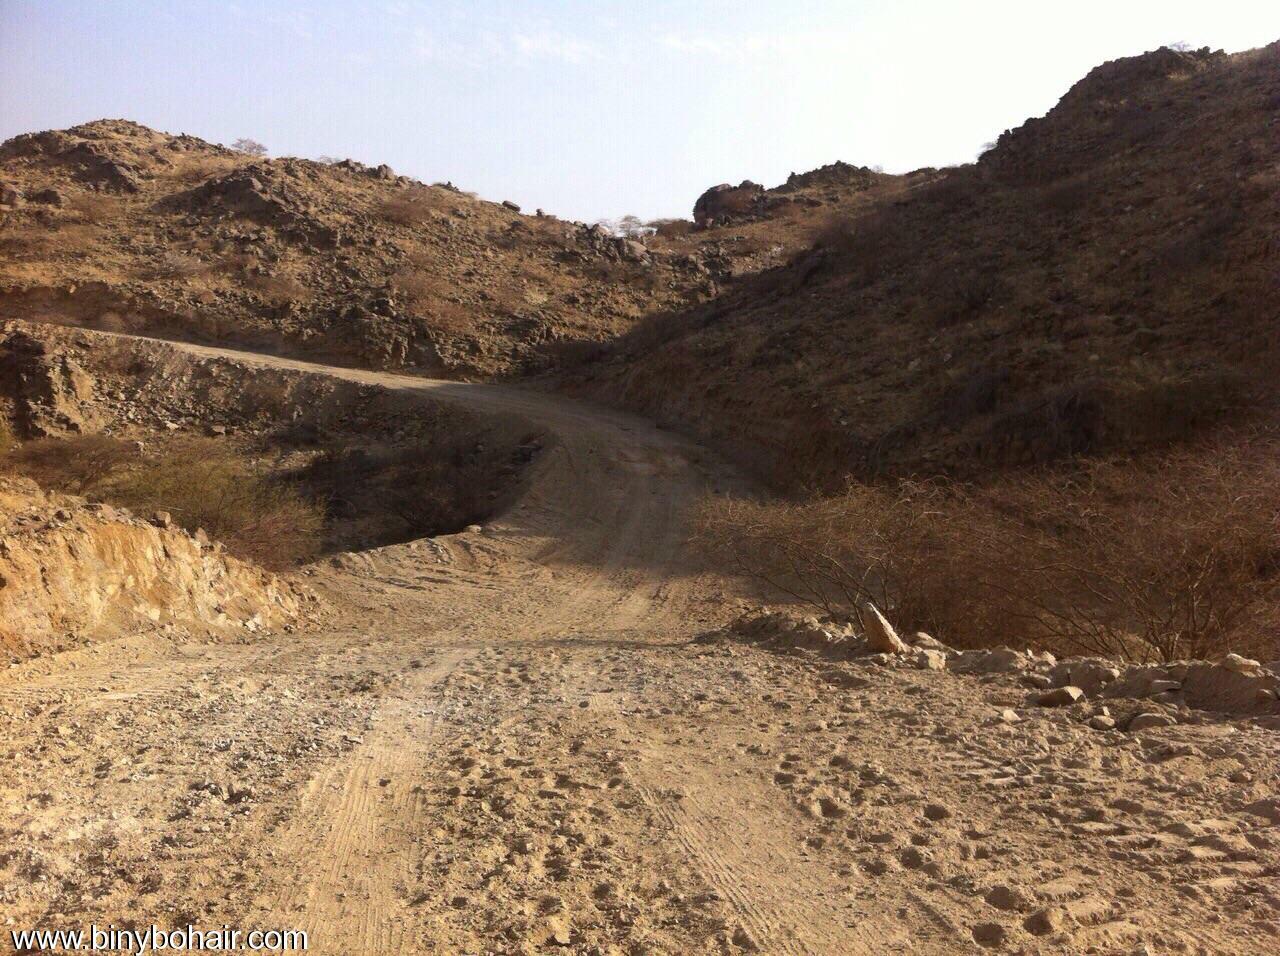 شاهد افتتاح وربط قرية المسلمة onq23061.jpg